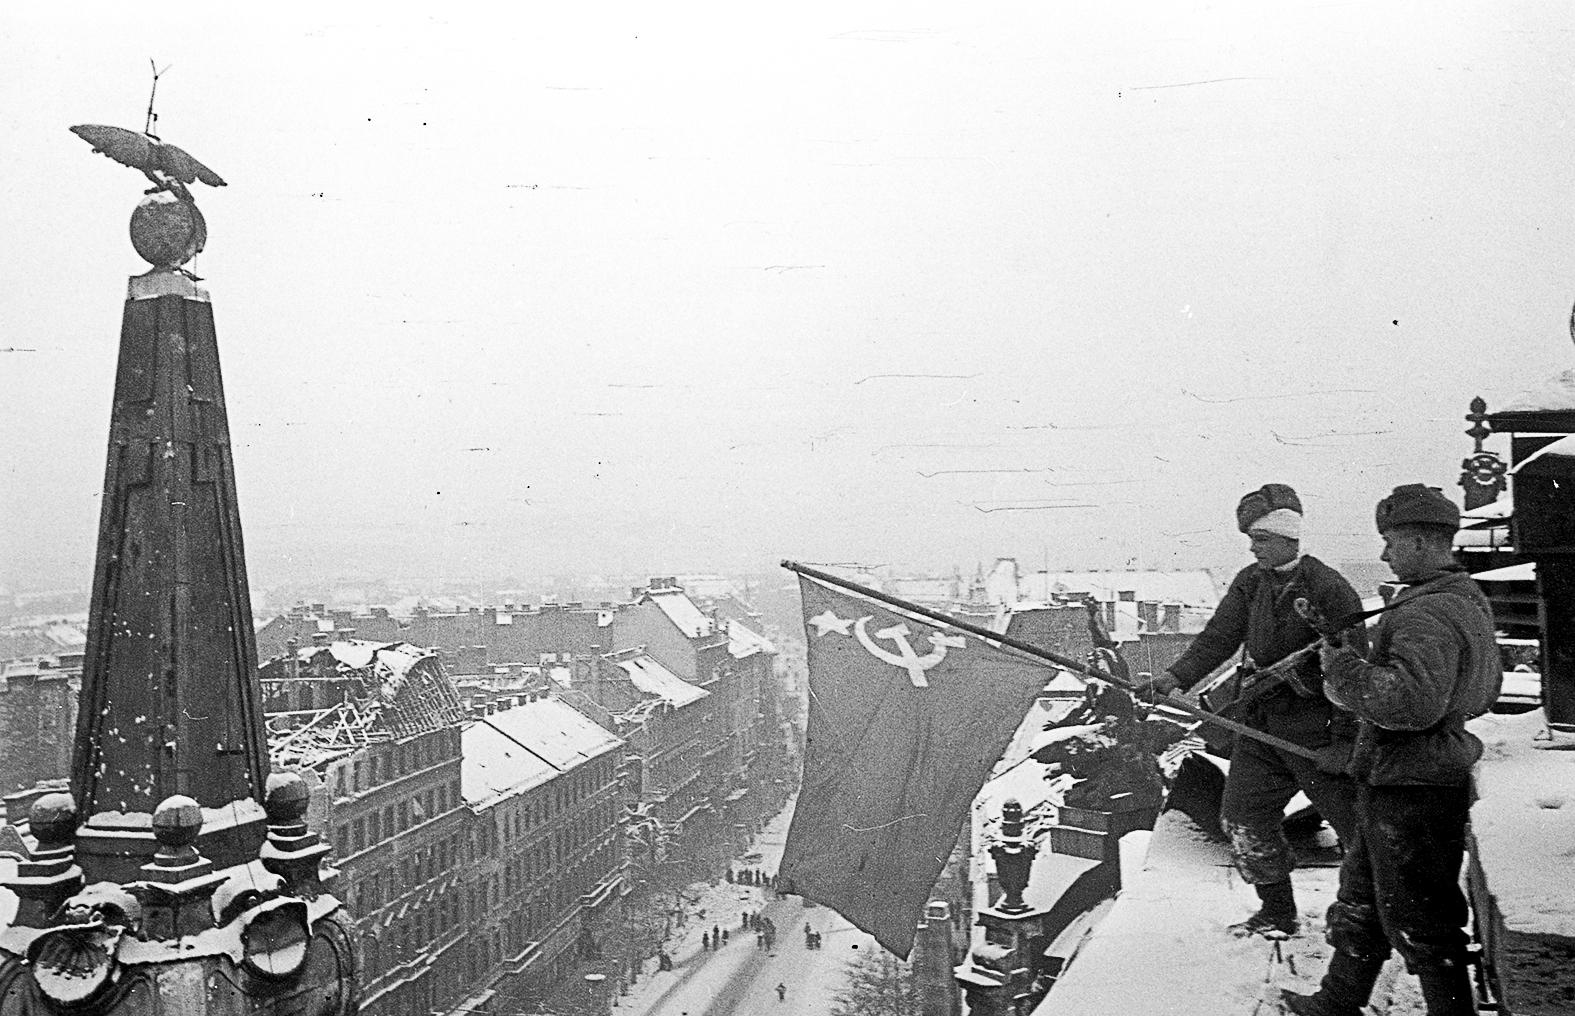 Szovjet katonák tűzik ki a vörös zászlót az Erzsébet körúti New York palota tetejére Budapest felszabadításakor 1945. április 4-én #moszkvater